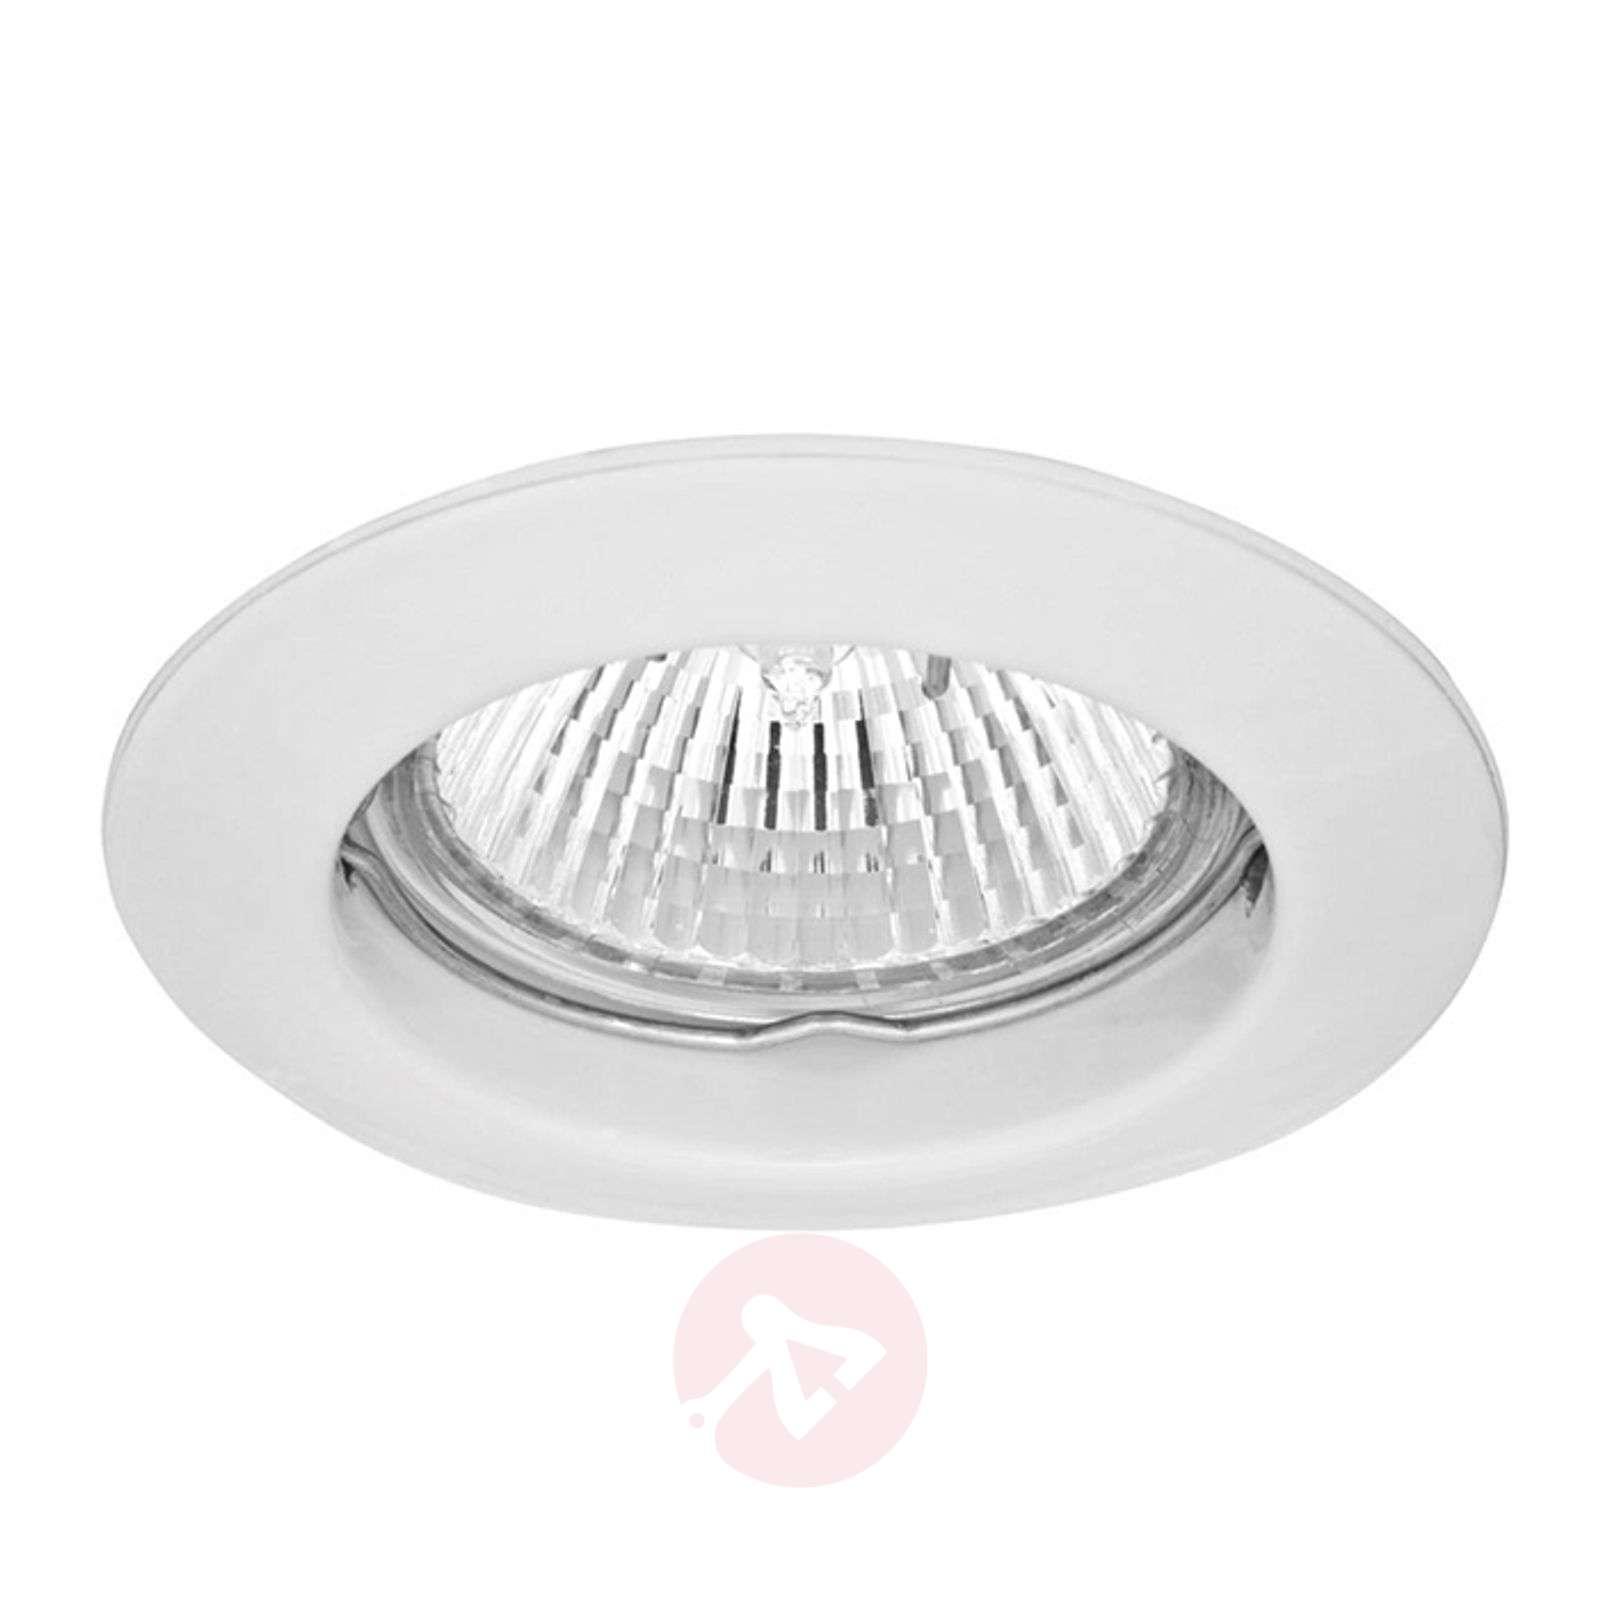 Affordable low-volt recessed spotlight ENKEL-7503554-01